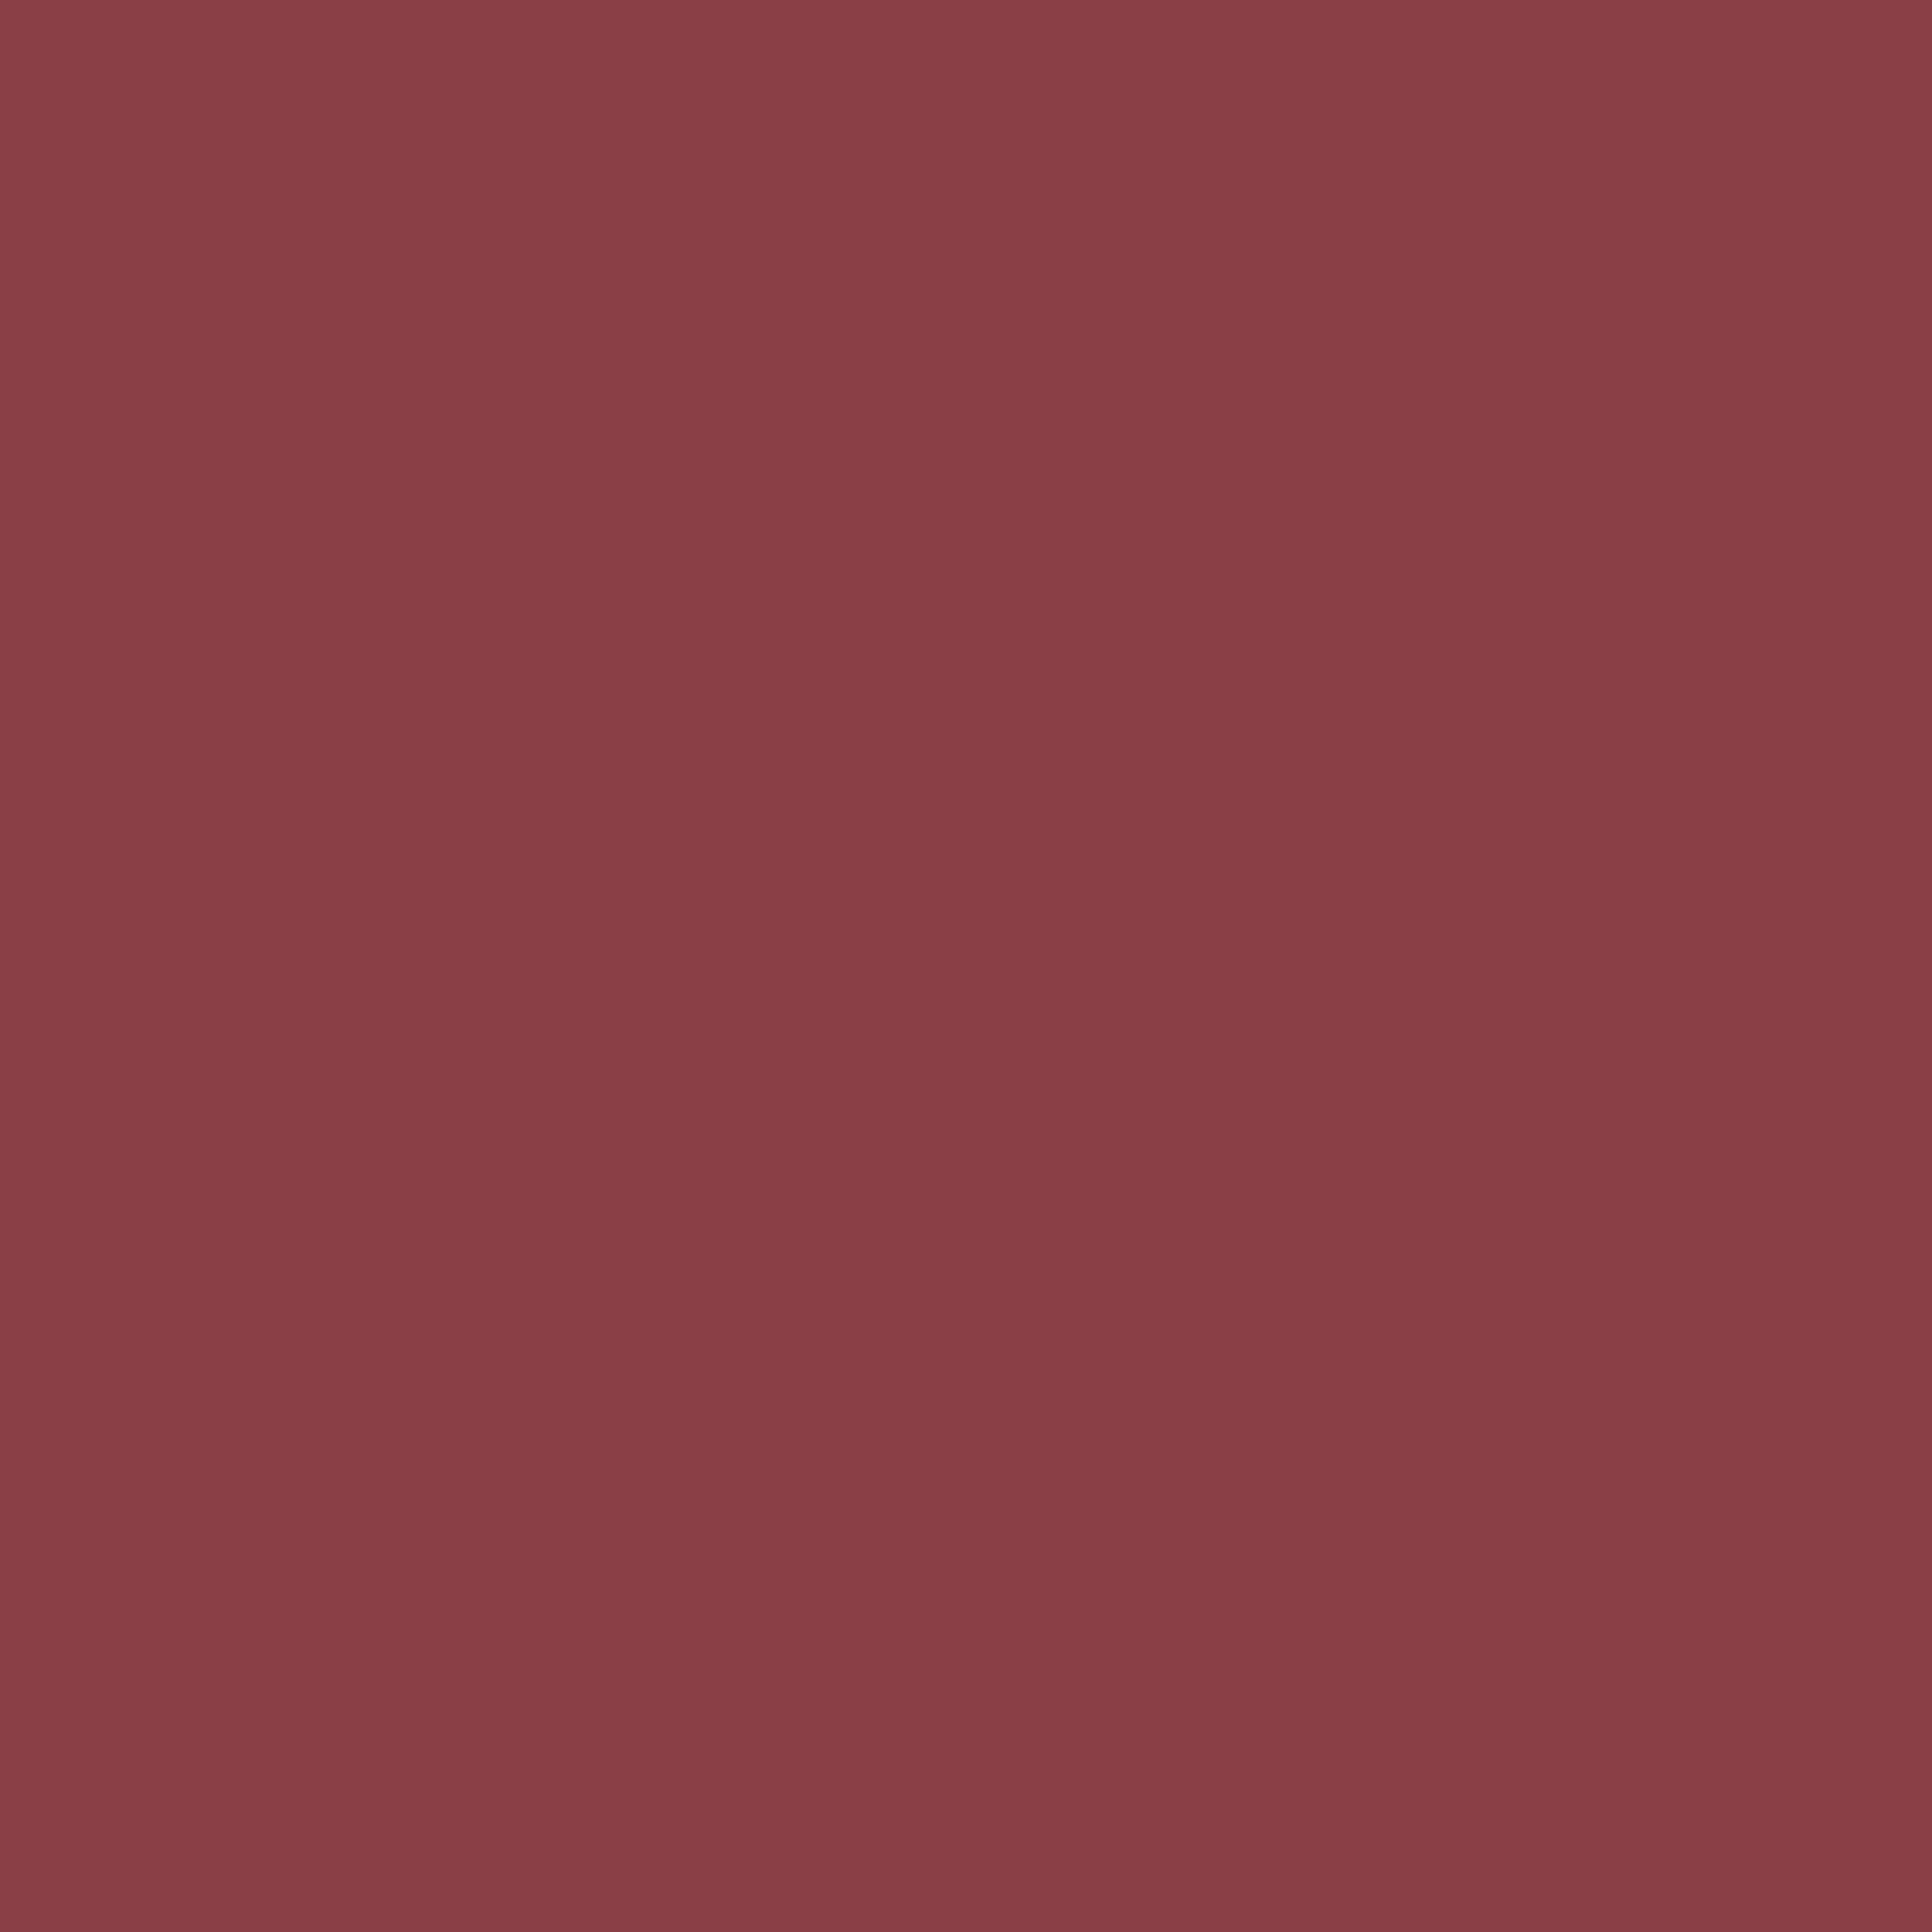 2732x2732 Cordovan Solid Color Background